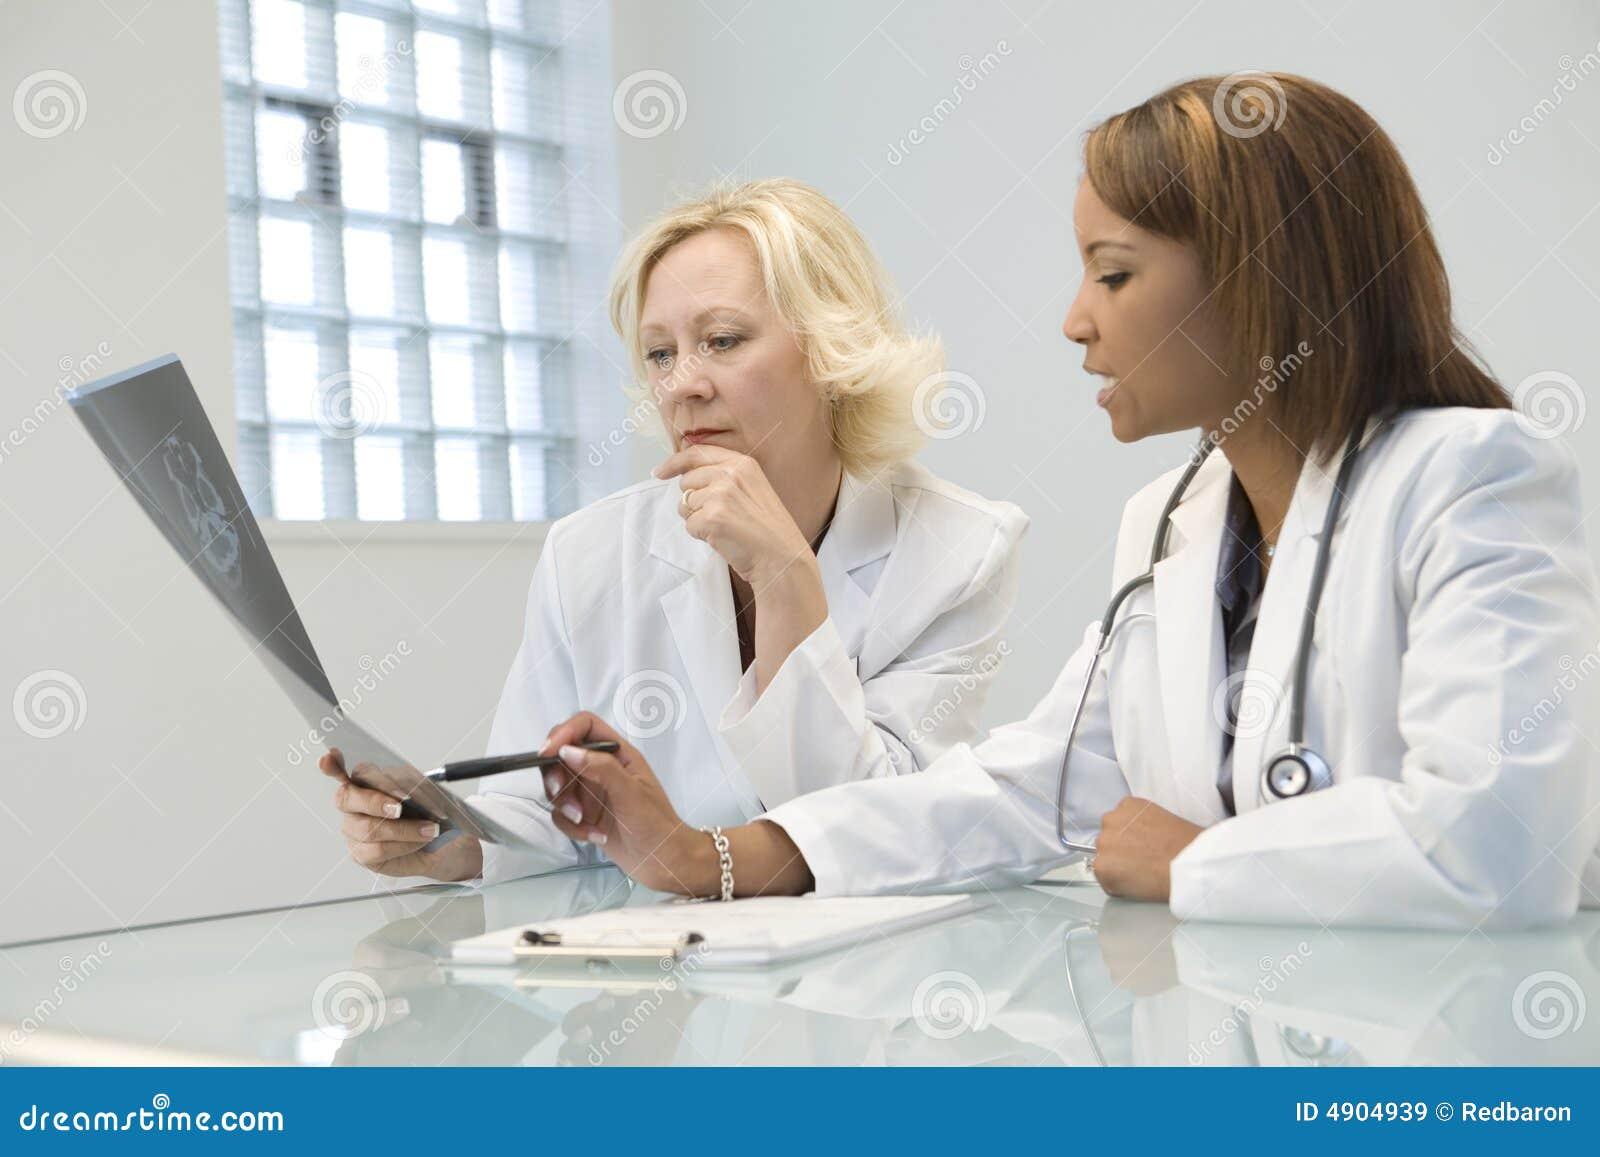 医治女性二